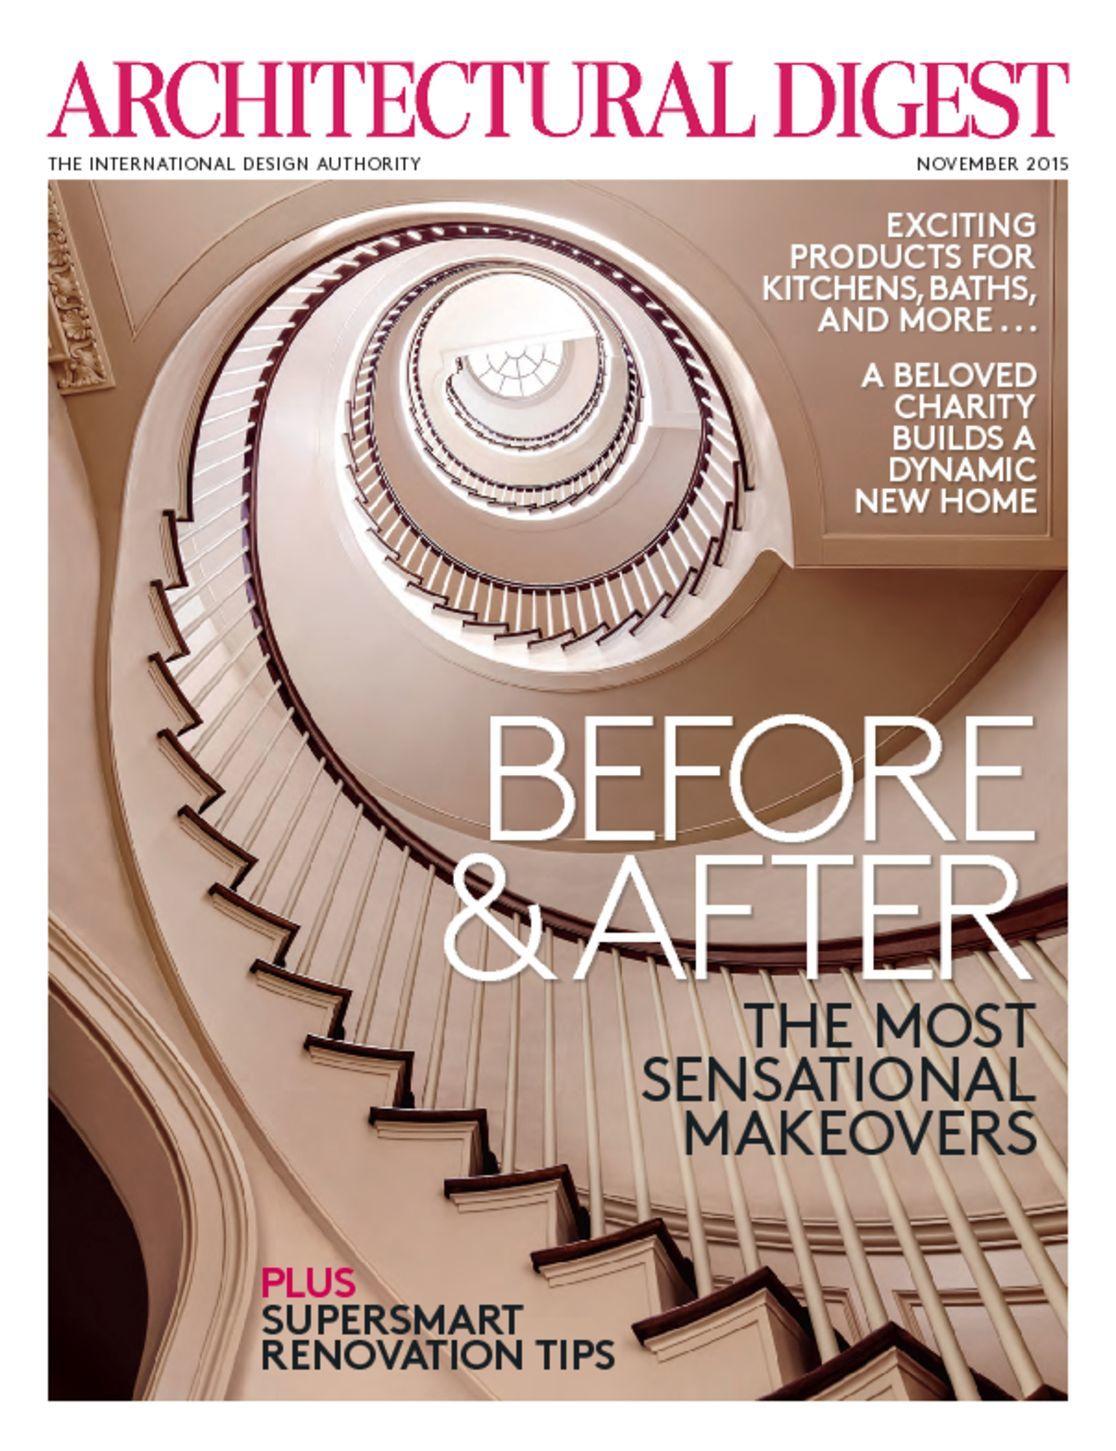 Architectural Digest: 4313-architectural-digest-Cover-2015-November-Issue.jpg